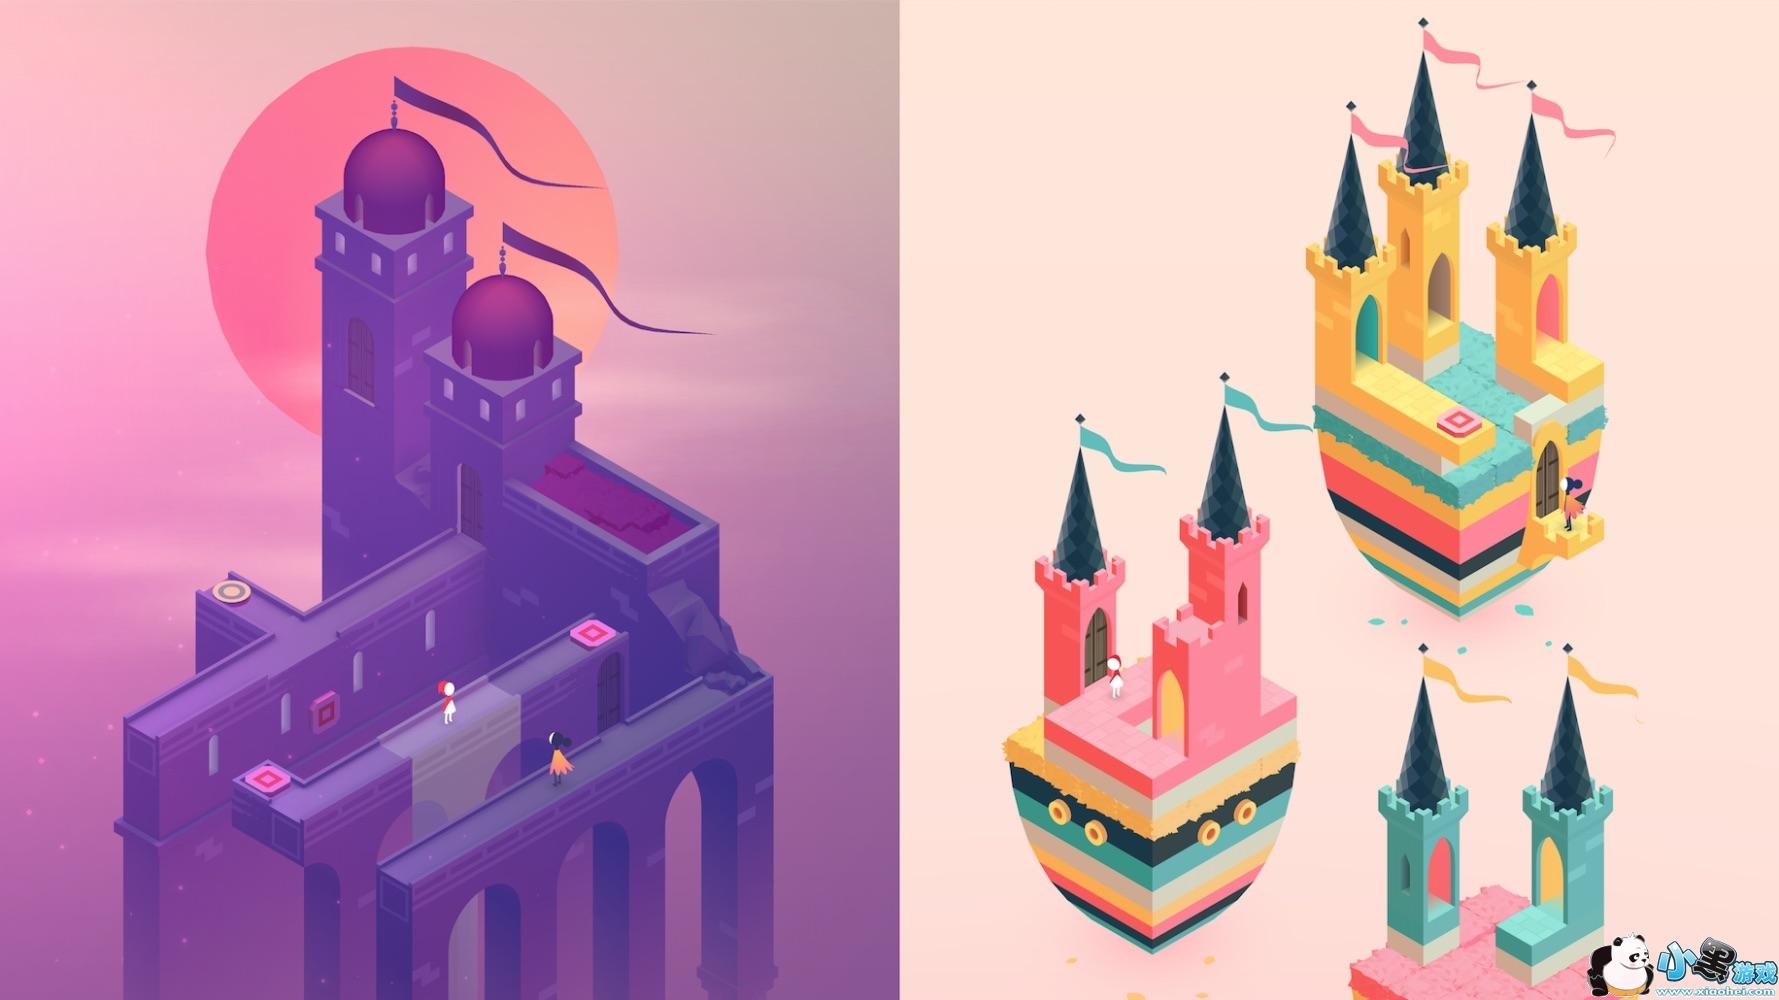 在2018年的GDC大会演讲中,Ustwo游戏设计师Lea Schonfelder提到,研发团队希望保持《纪念碑谷》经典的基础上有更好的选择。视觉上,他们希望就想原作那样,游戏里每个时刻都能当作艺术品,同时同时不让人们觉得这是2014年的翻版。单个关卡设计上,不可能图形、埃舍尔建筑几何体是《纪念碑谷》世界的核心,团队希望续作里也可以继续探索这些解谜。   不一样的剧情展示:用玩法讲故事   虽然原作本身就讲述了一个非常受欢迎的故事,Ustwo Games还是希望在续作中可以讲述一个更加有深度的故事。